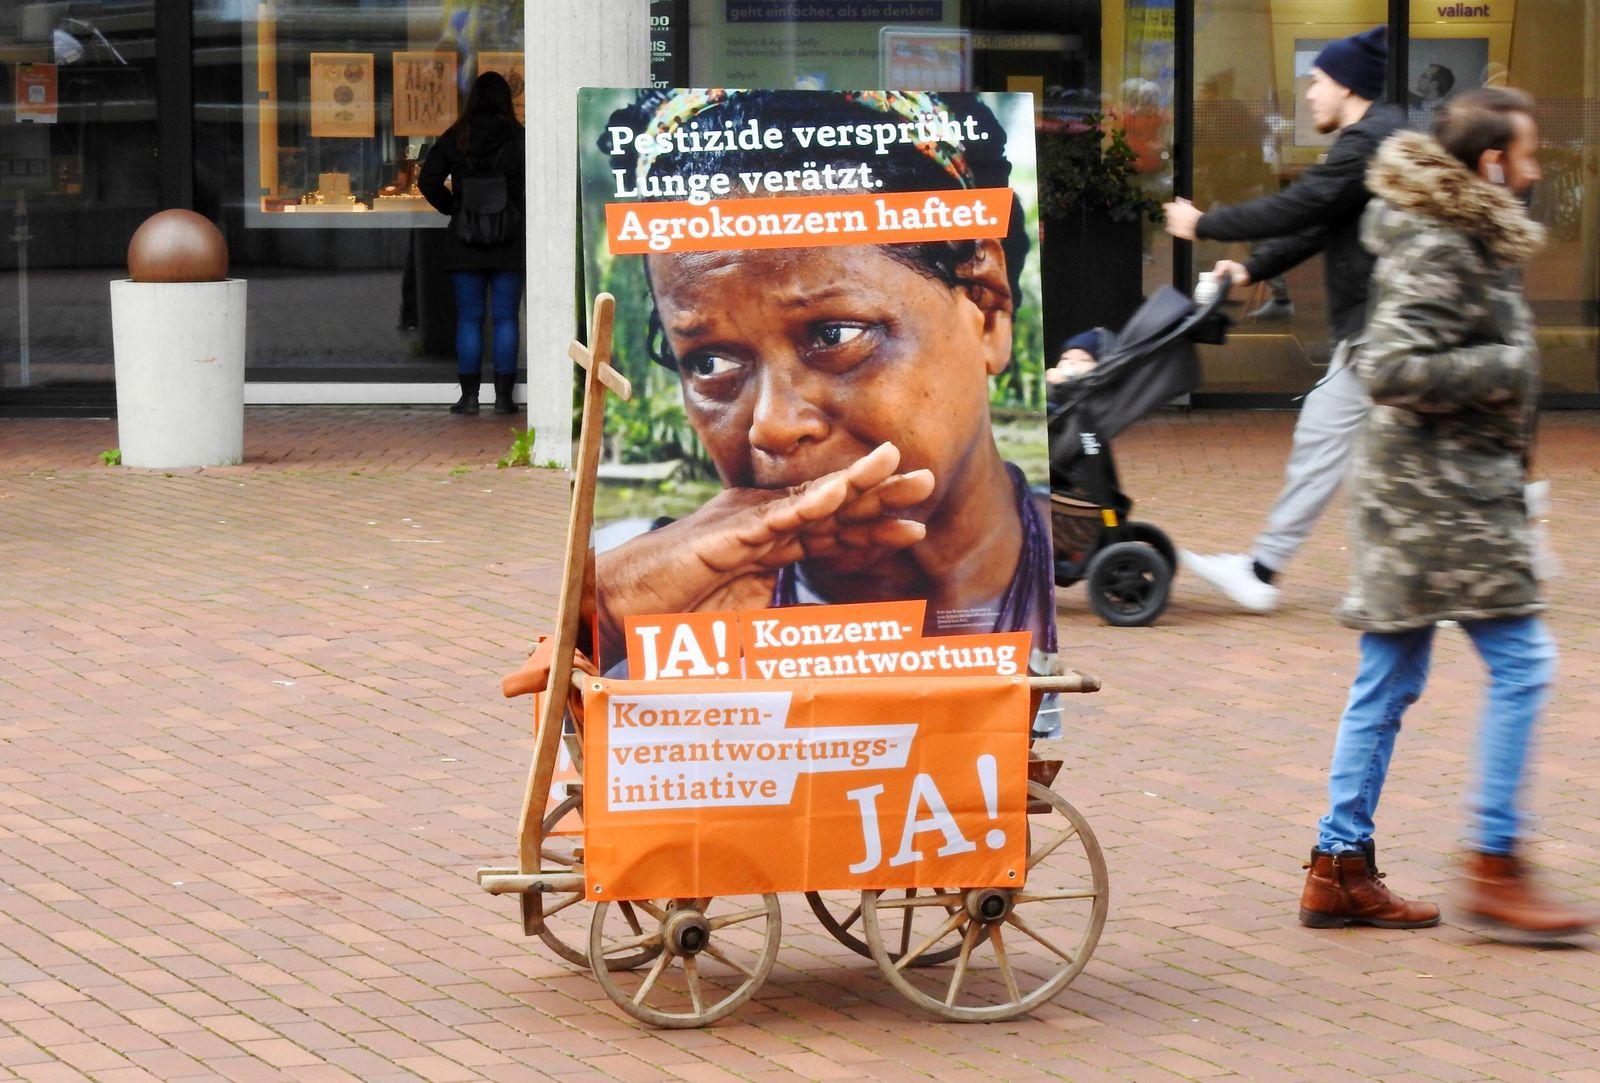 Foto Manuel Geisser 14.11.2020 Abstimmungs Plakate. Konzernverantwortungs -Initiative Ja Volksabstimmung vom 29.11.2020